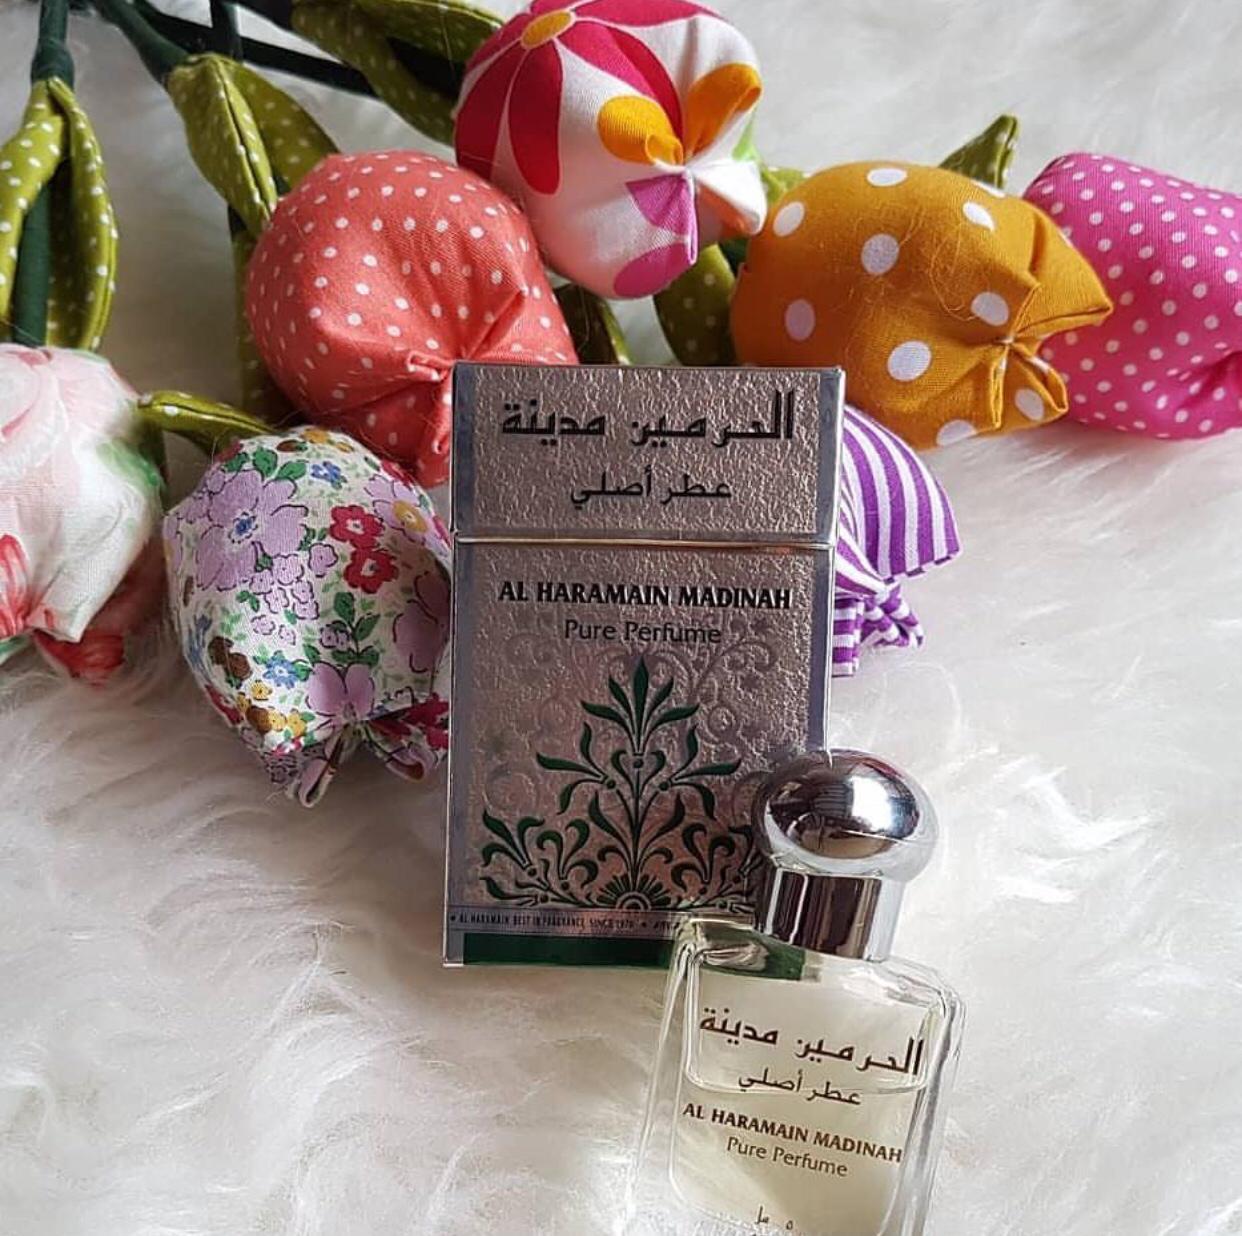 Al Haramain - Madinah